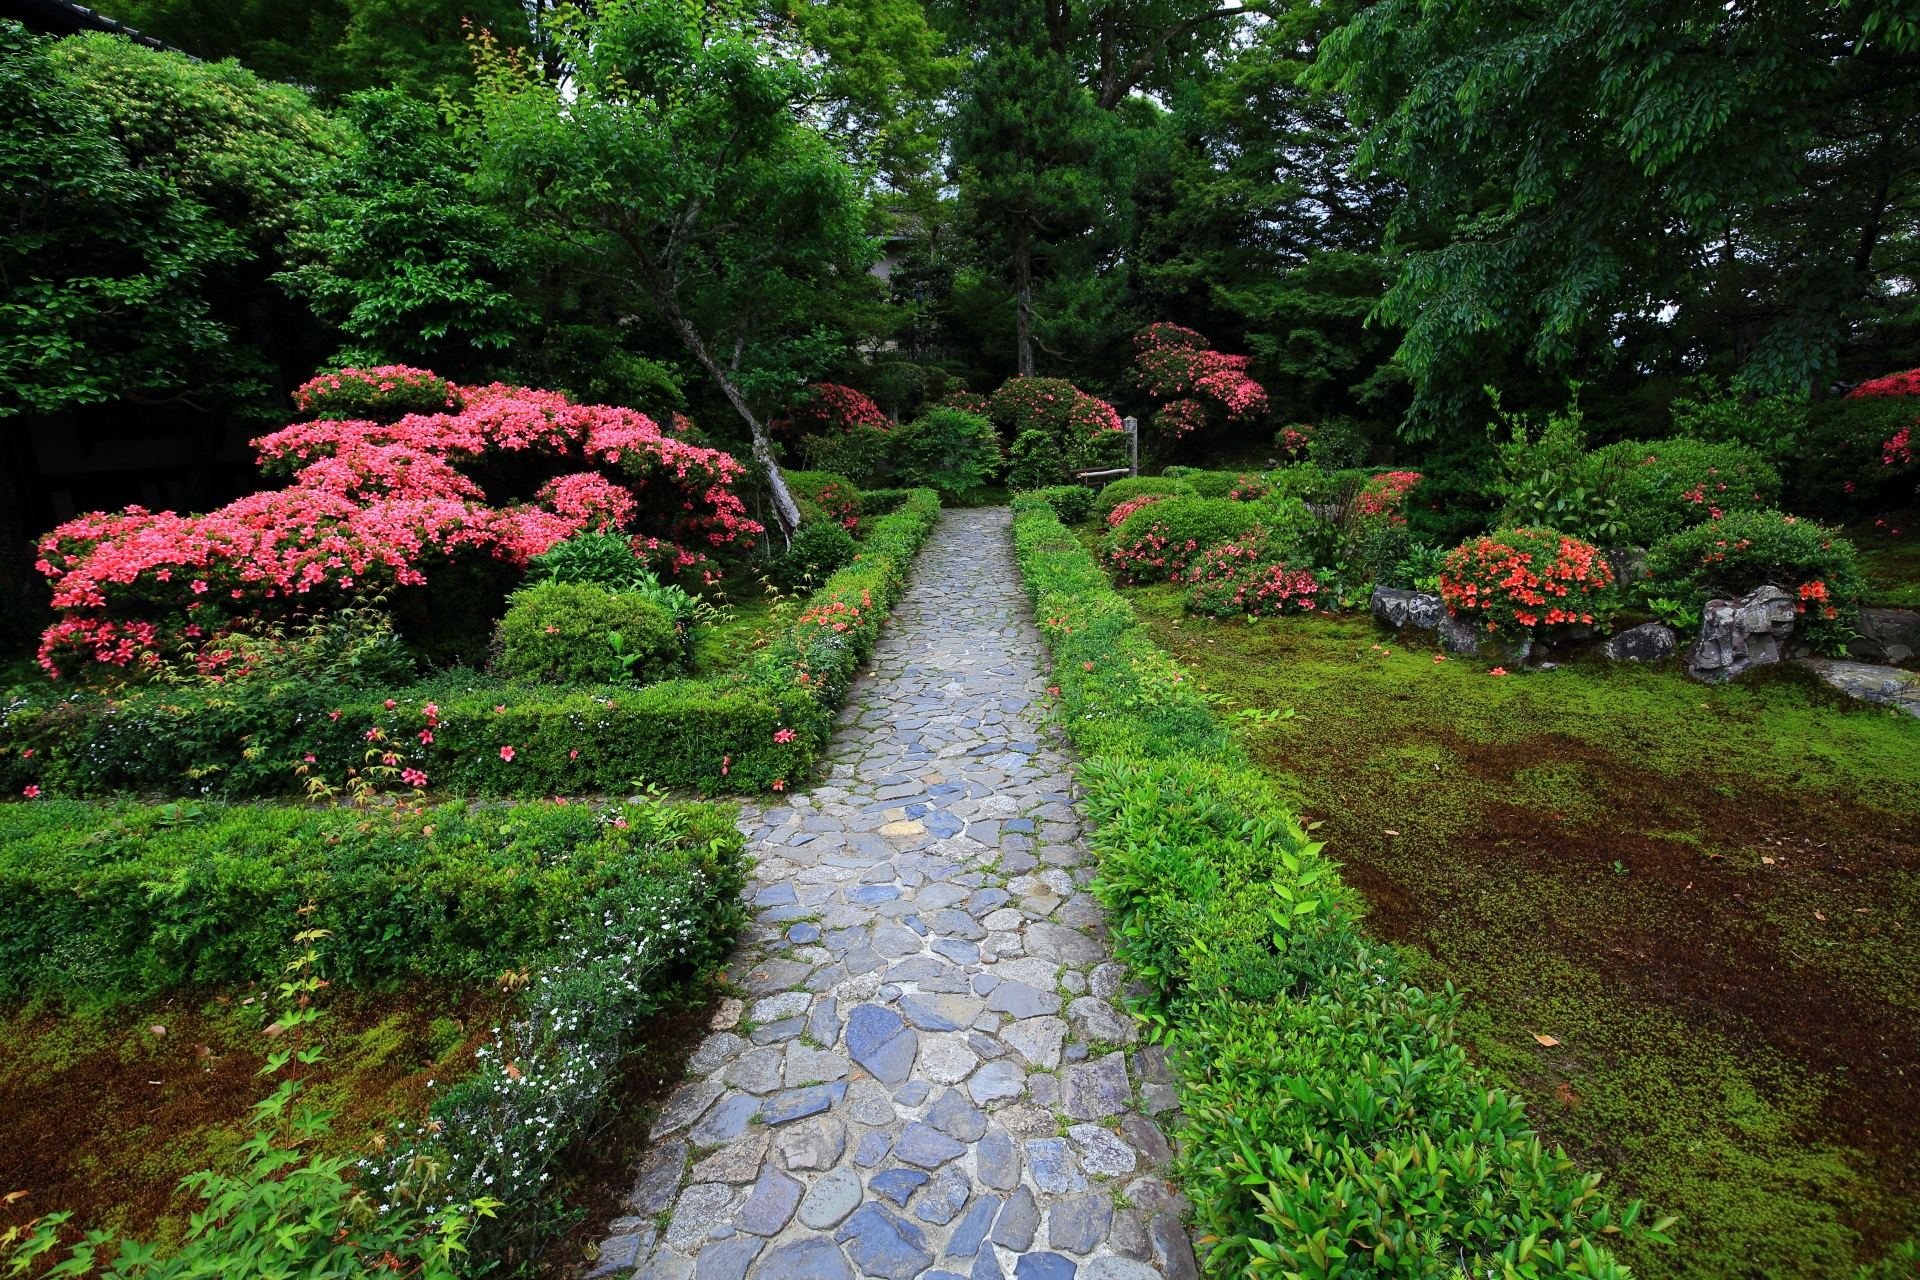 安楽寺の本堂側から眺めたサツキの咲く庭園